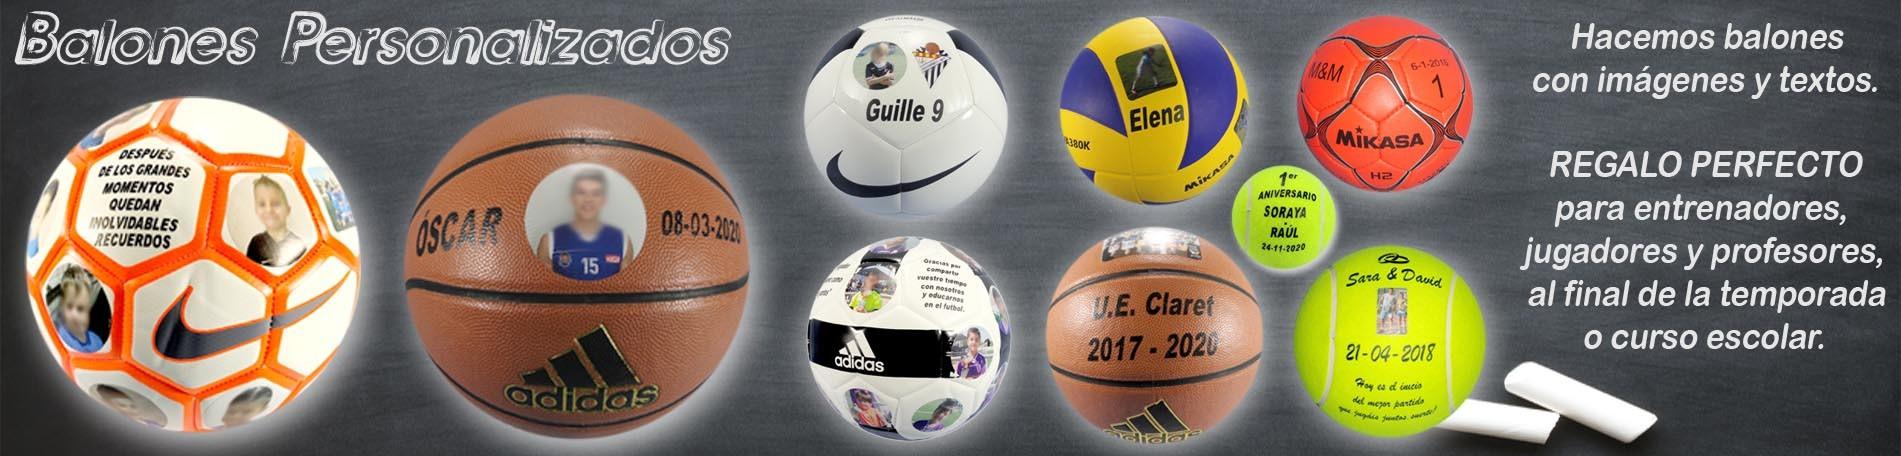 Balones Personalizados en Deportes Mazarracin Valdemoro